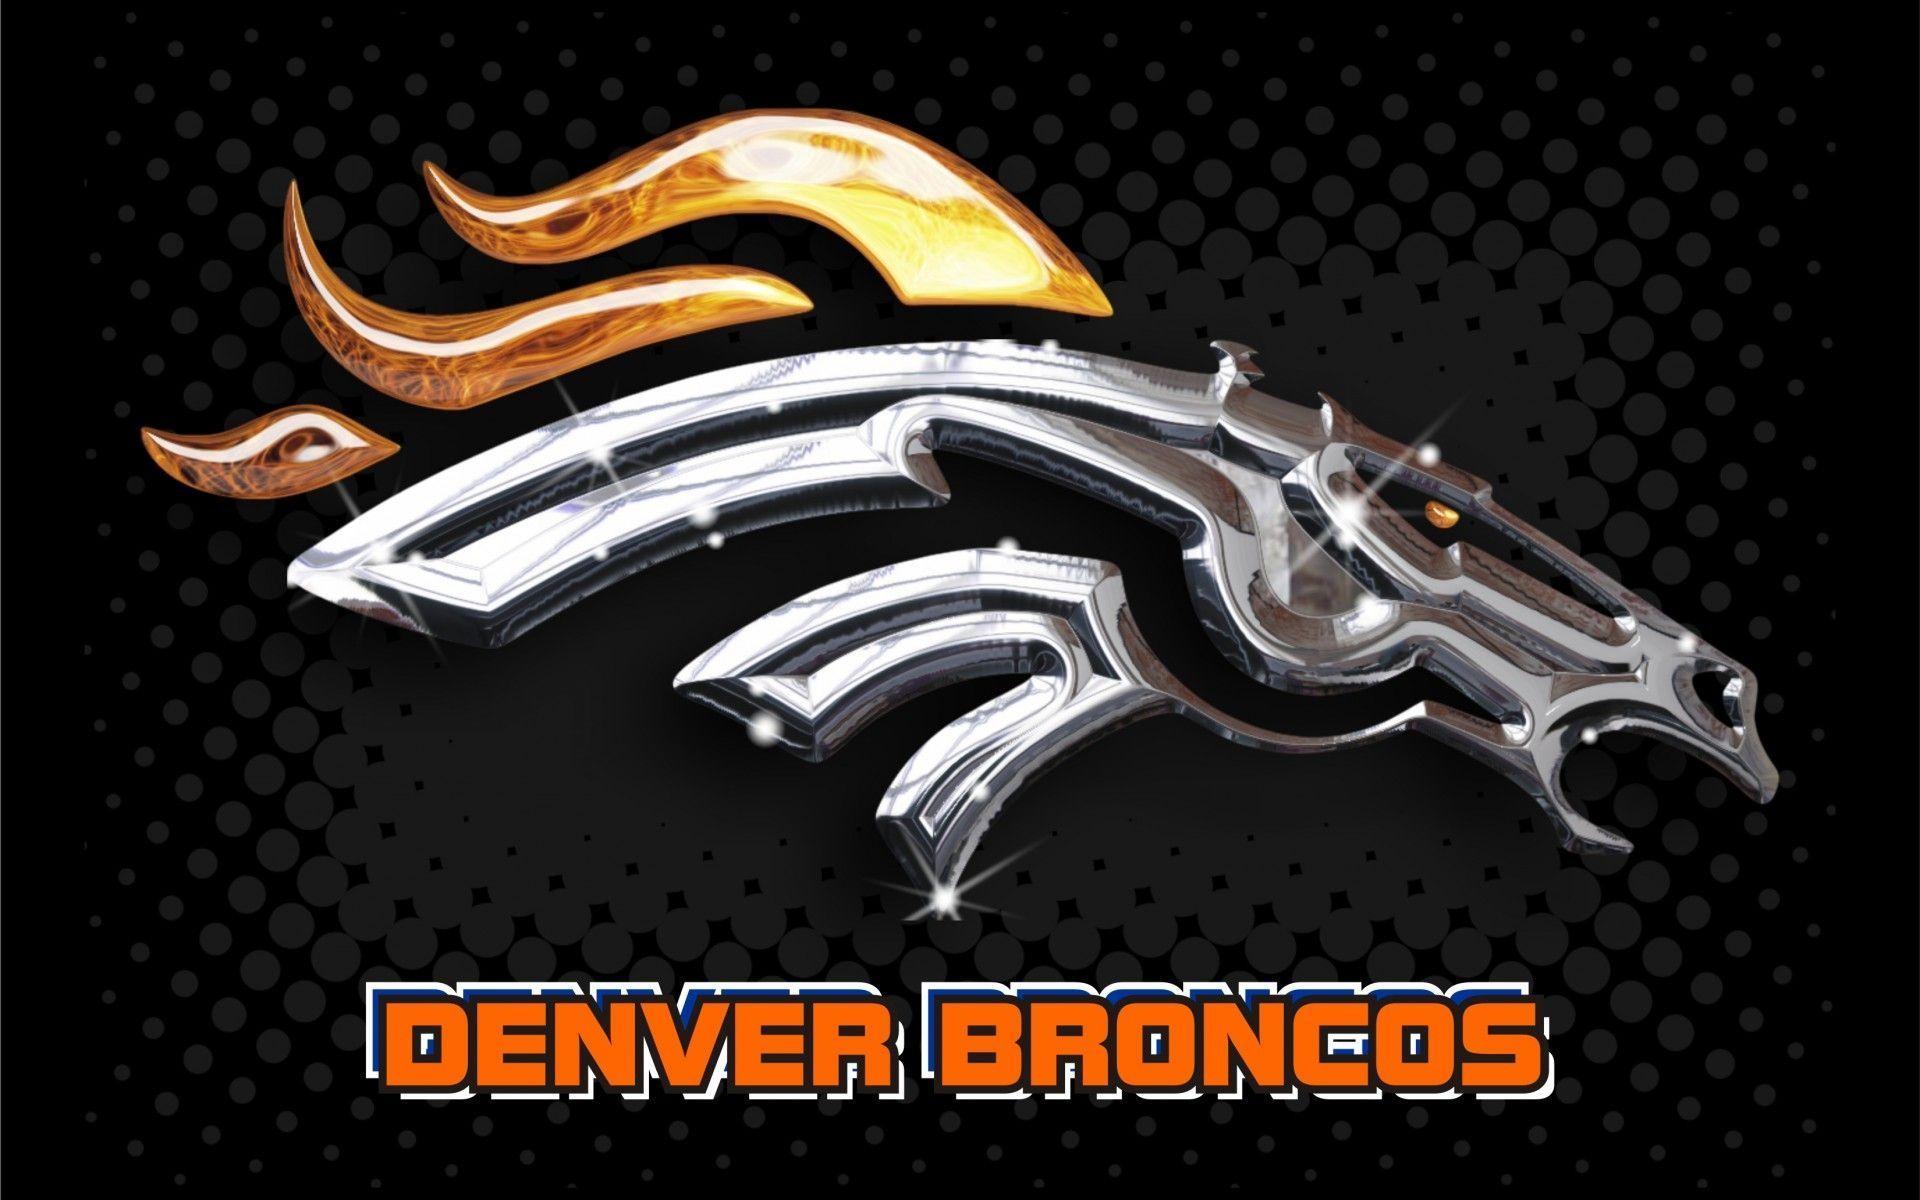 Denver Broncos 2014 NFL Logo Wallpaper Wide or HD | Sports Wallpapers